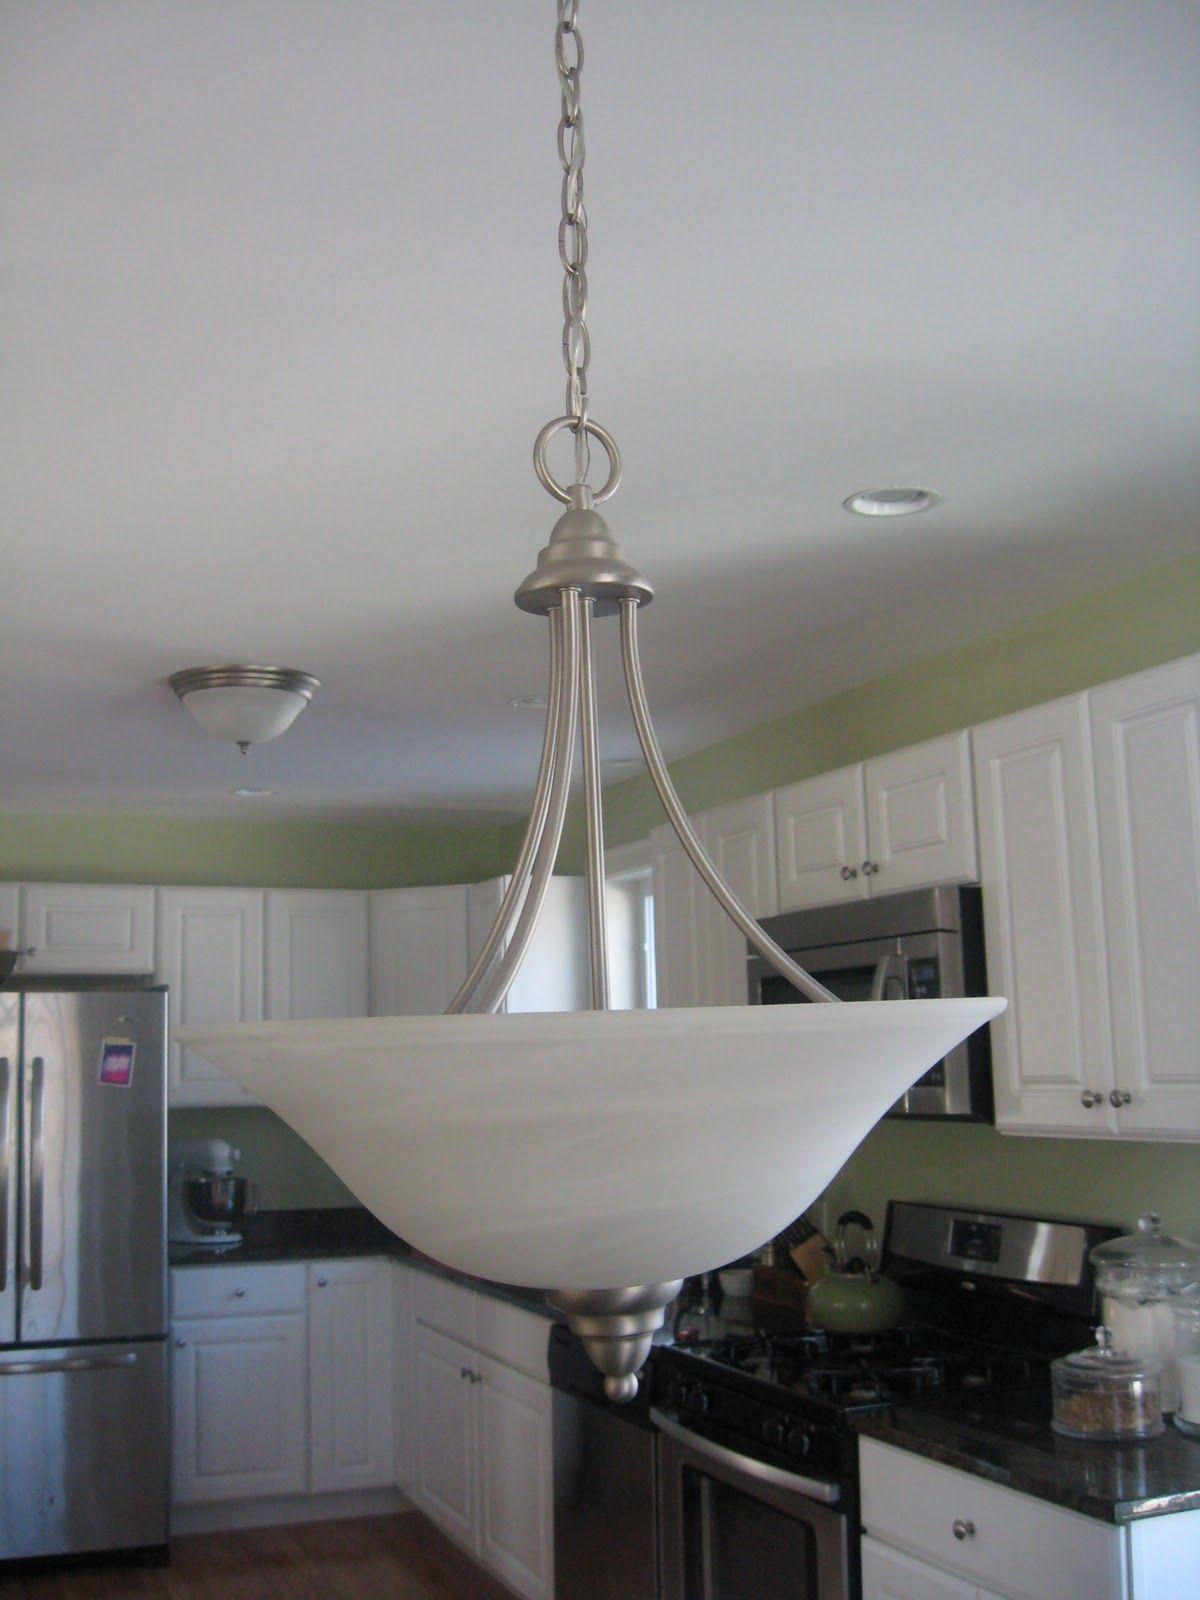 Küche Deckenleuchten Lowes Dies ist die neueste Informationen auf ...